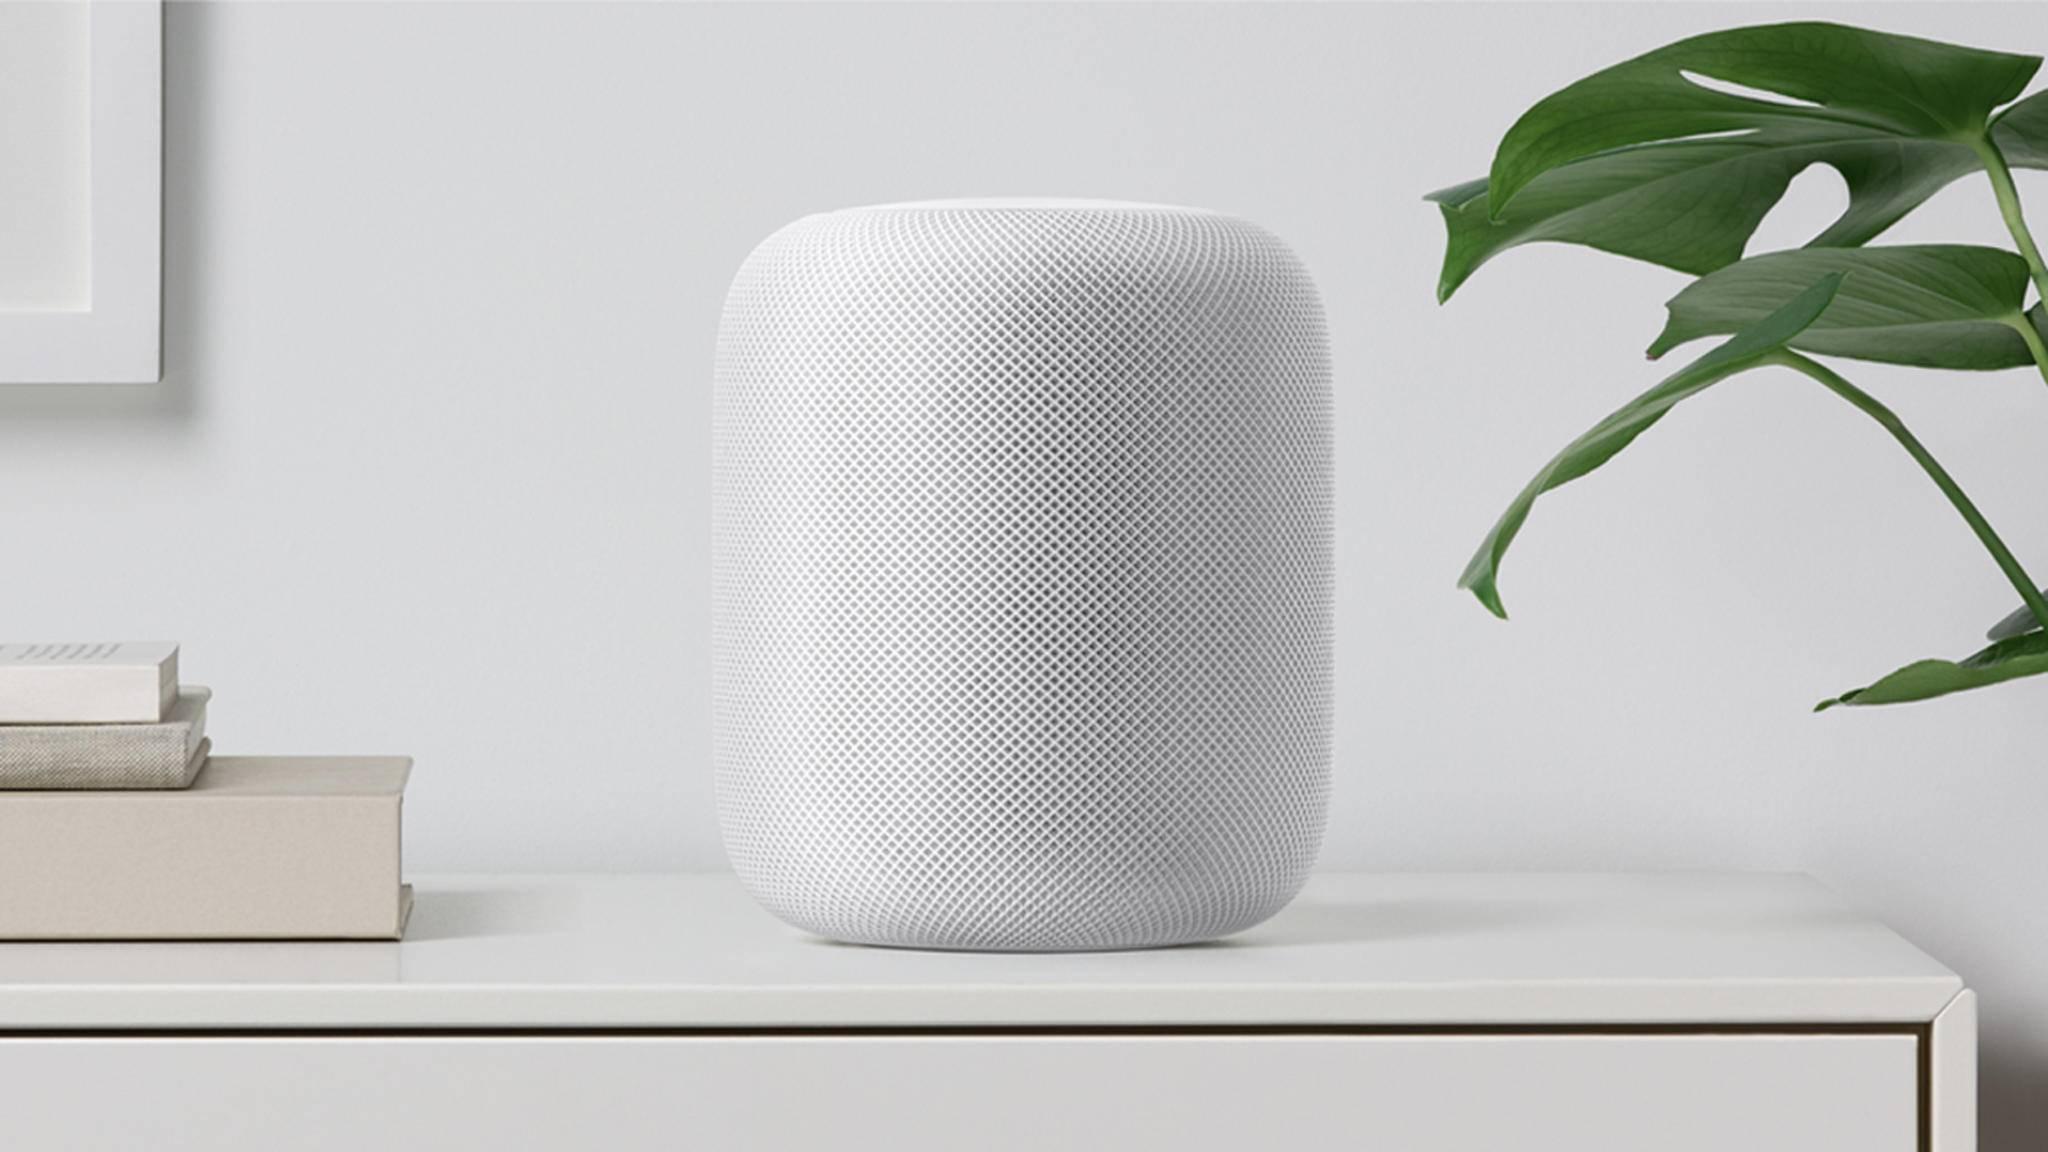 Der Apple HomePod erscheint im Dezember – zunächst aber nur in den USA.